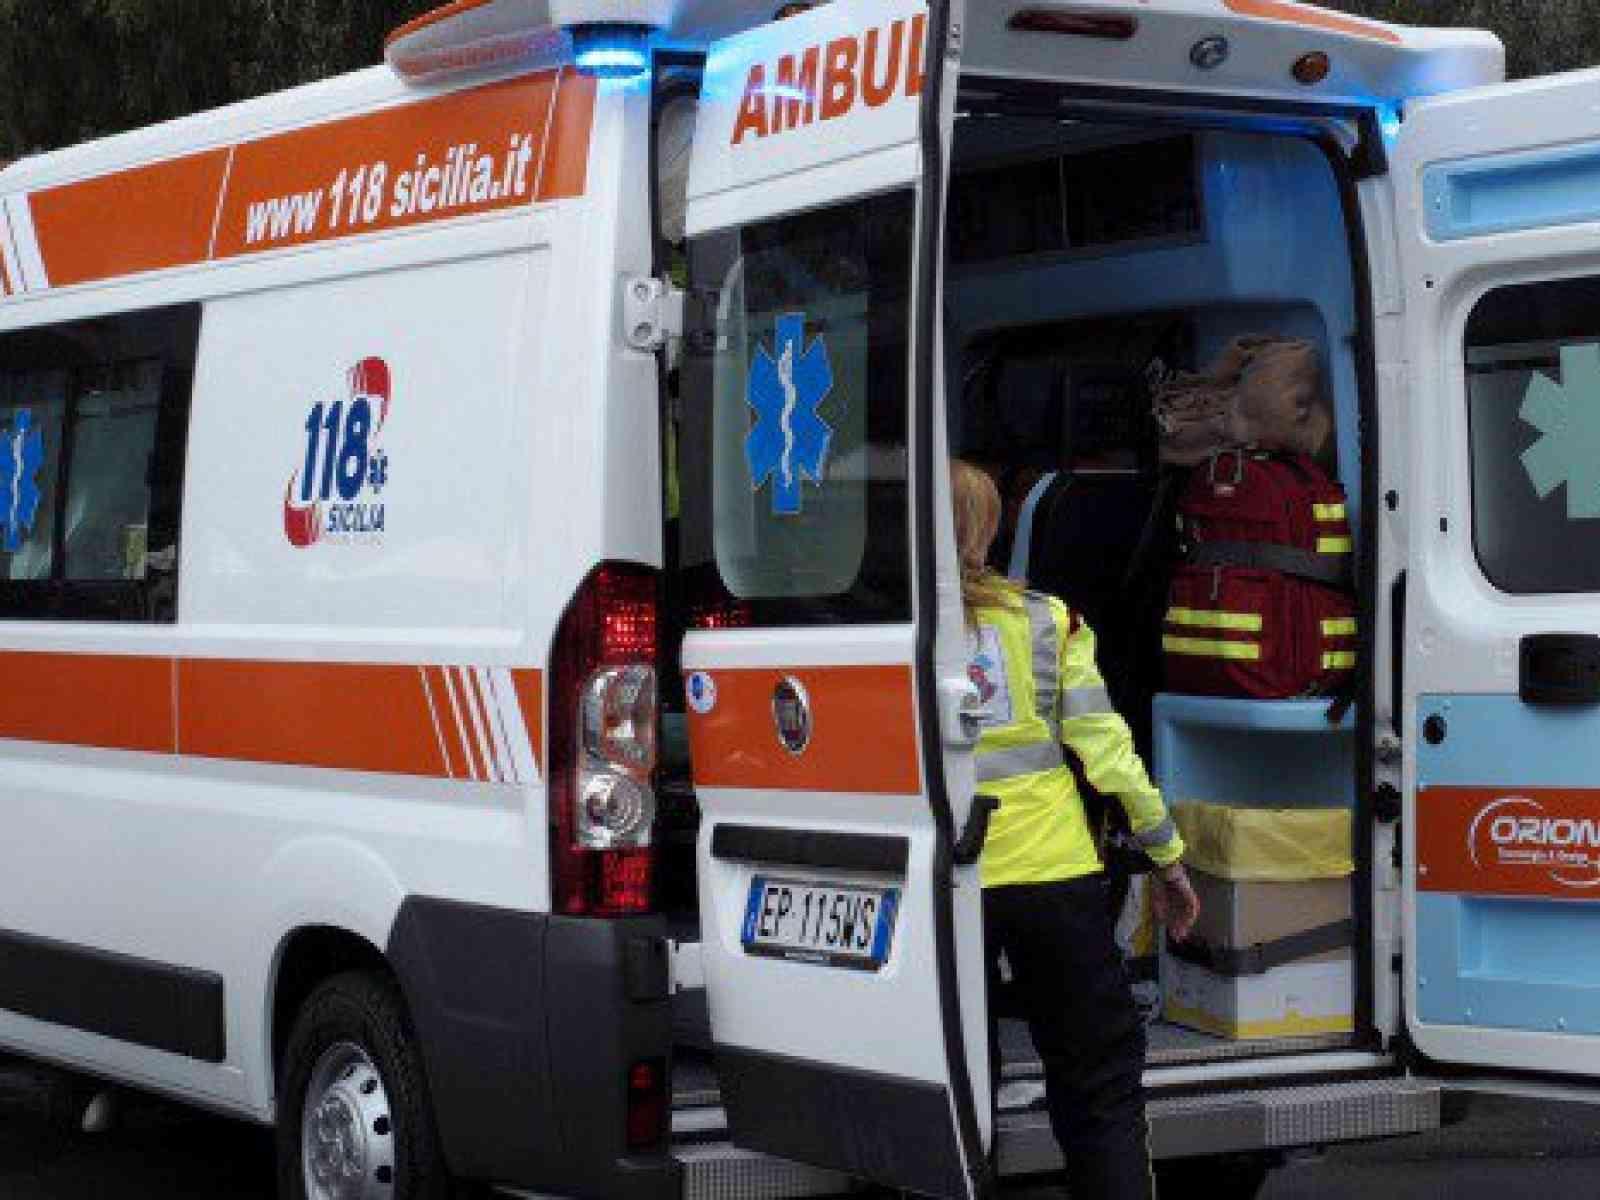 A dieci giorni dal brutto incidente restano gravi le condizioni del giovane diciannovenne menfitano